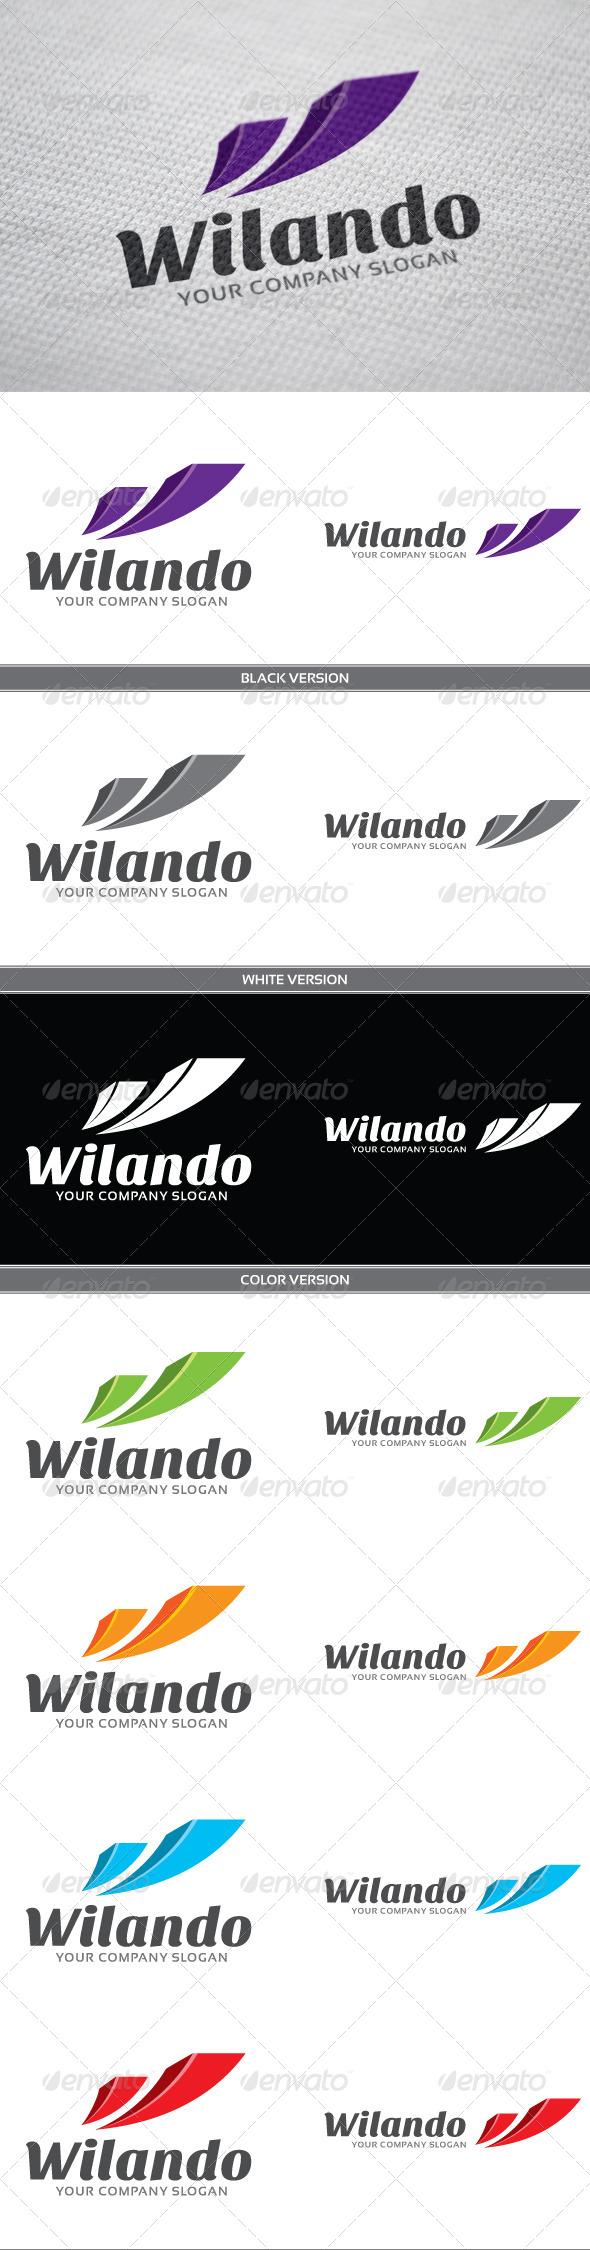 Wilando - Abstract Logo Templates